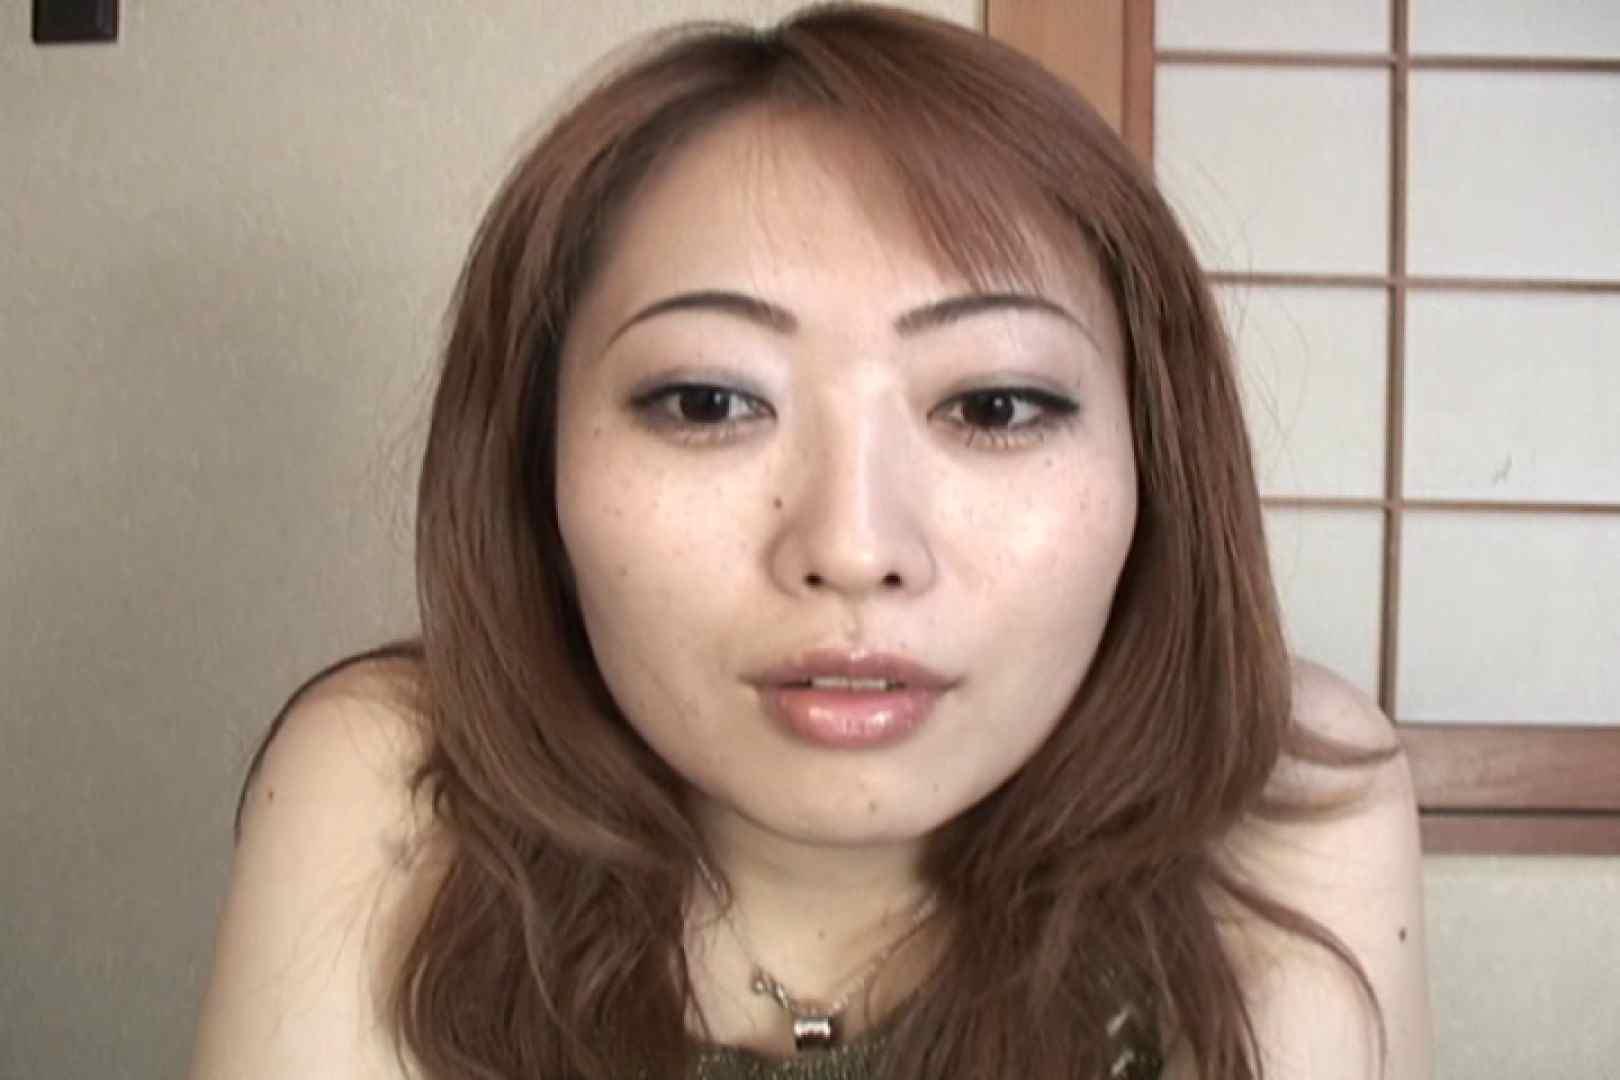 仕事で月200本のチンポを相手する22歳若人妻~桜井あい~ 人妻のエッチ | 熟女のエッチ  108pic 53